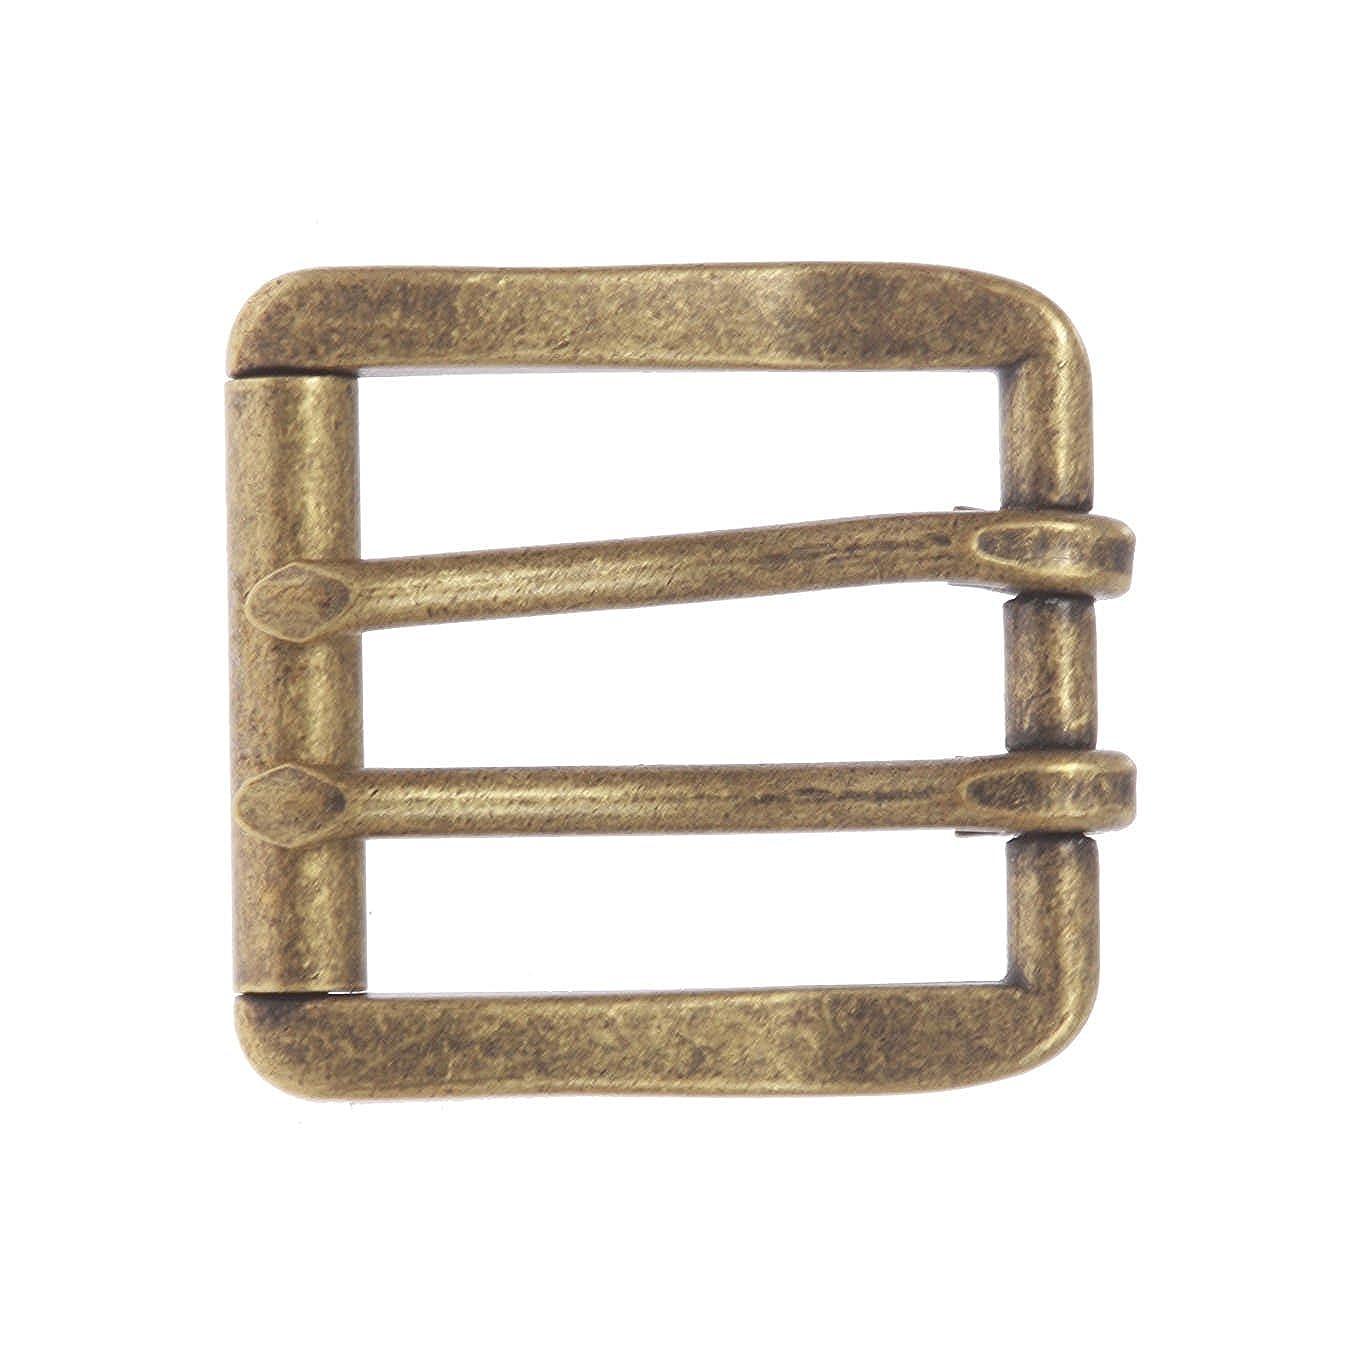 BBBelts Men Solid Brass 2 Prong Center Bar Square Roller Buckle For 1-1//2 Belts